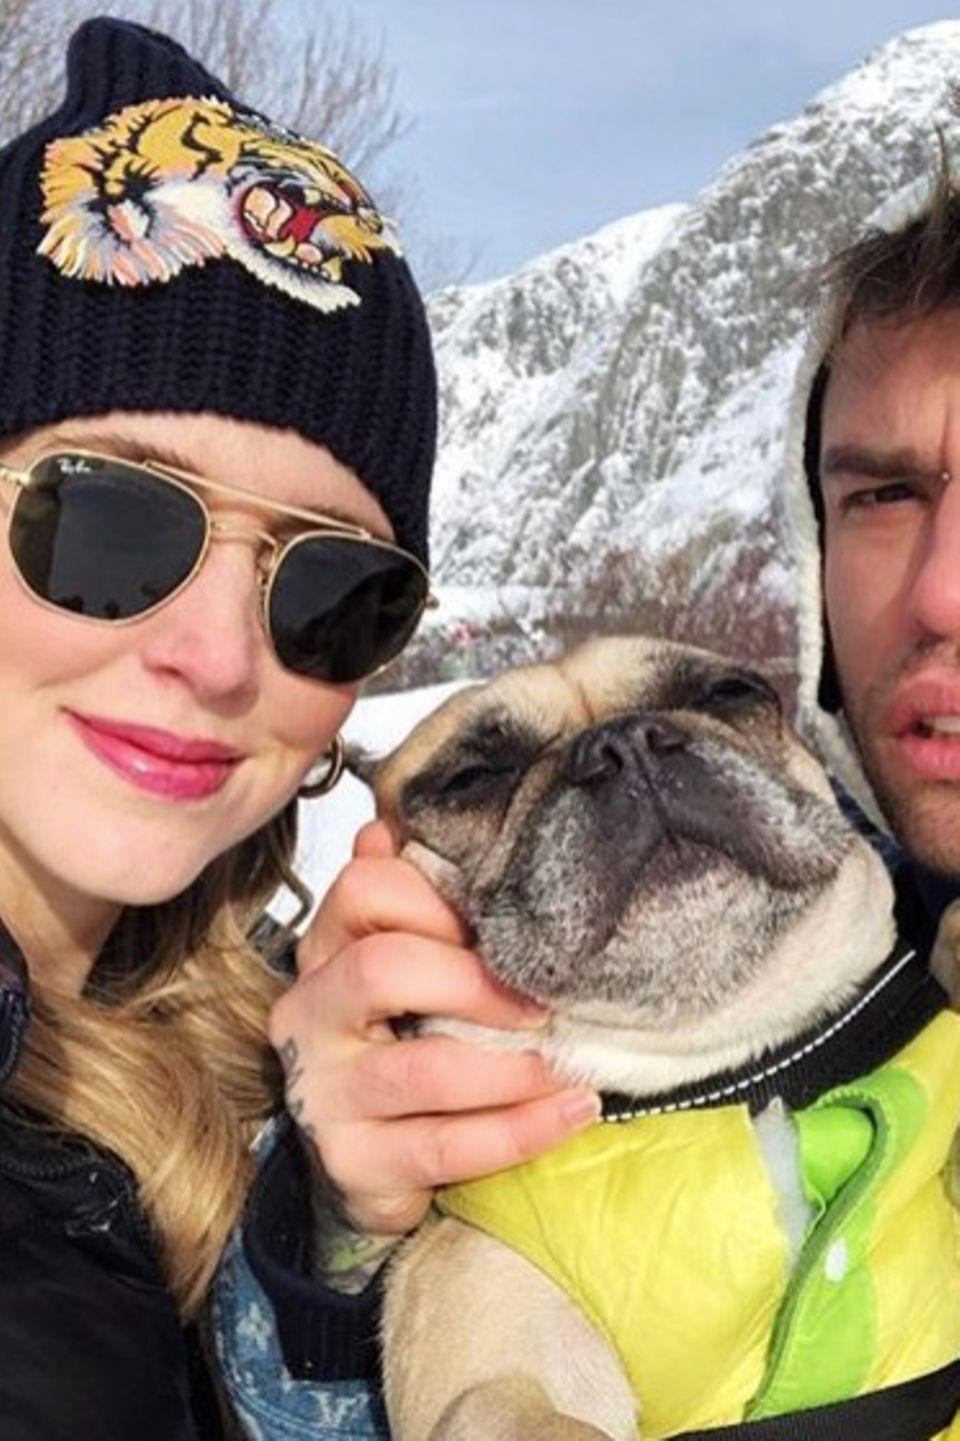 """""""Familieporträt"""", postet Chiara Ferragni scherzend. Vor winterlicher Kulisse zeigt sich die schwangere Modebloggerin mit ihrem Verlobten Fedez und ihrem drolligen Mops."""